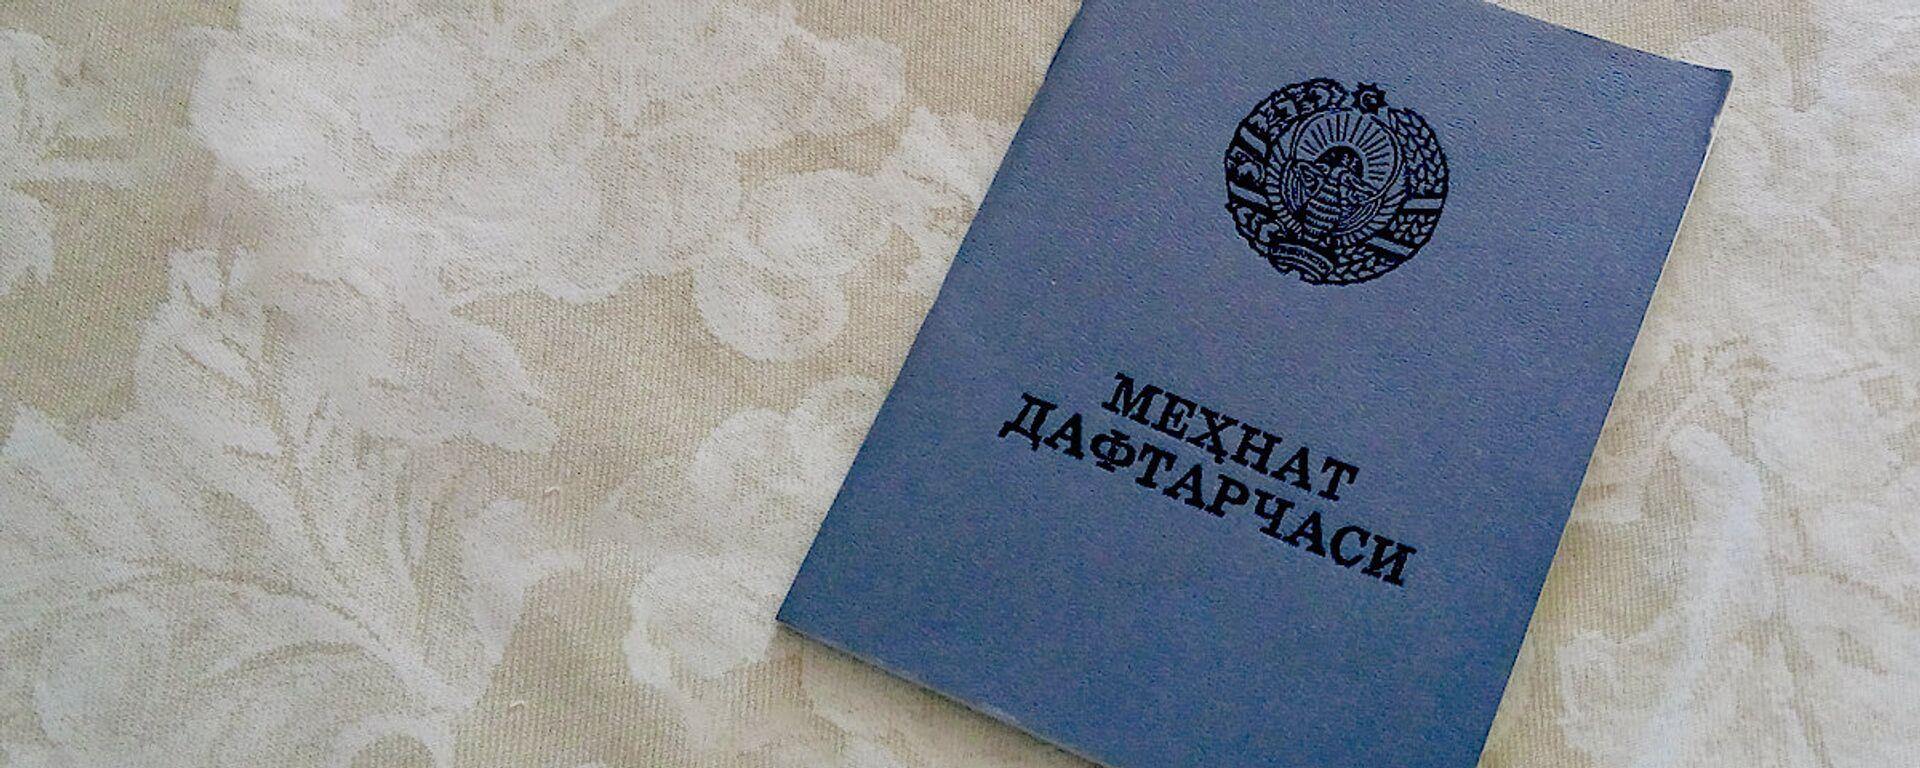 Трудовая книжка - Sputnik Узбекистан, 1920, 03.08.2021